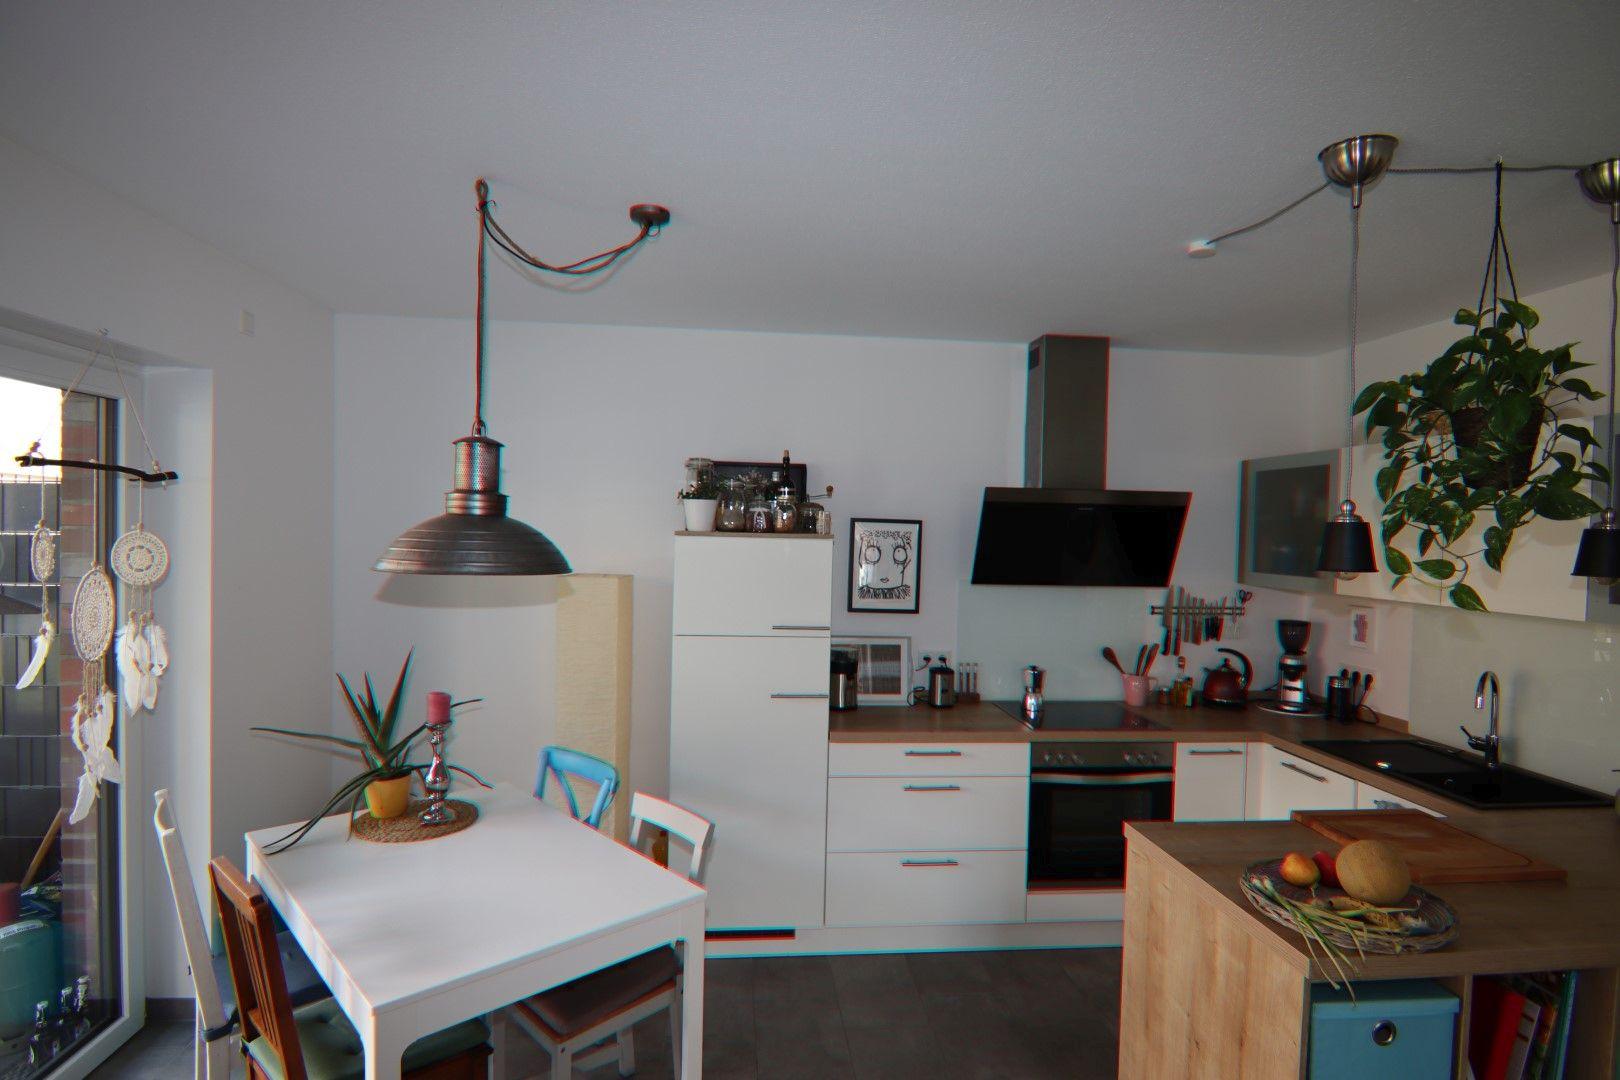 Immobilie Nr.0266 - 2-Raum-Erdgeschoss-Wohnung im Neubau mit hochwertiger Ausstattung - Bild 2.jpg